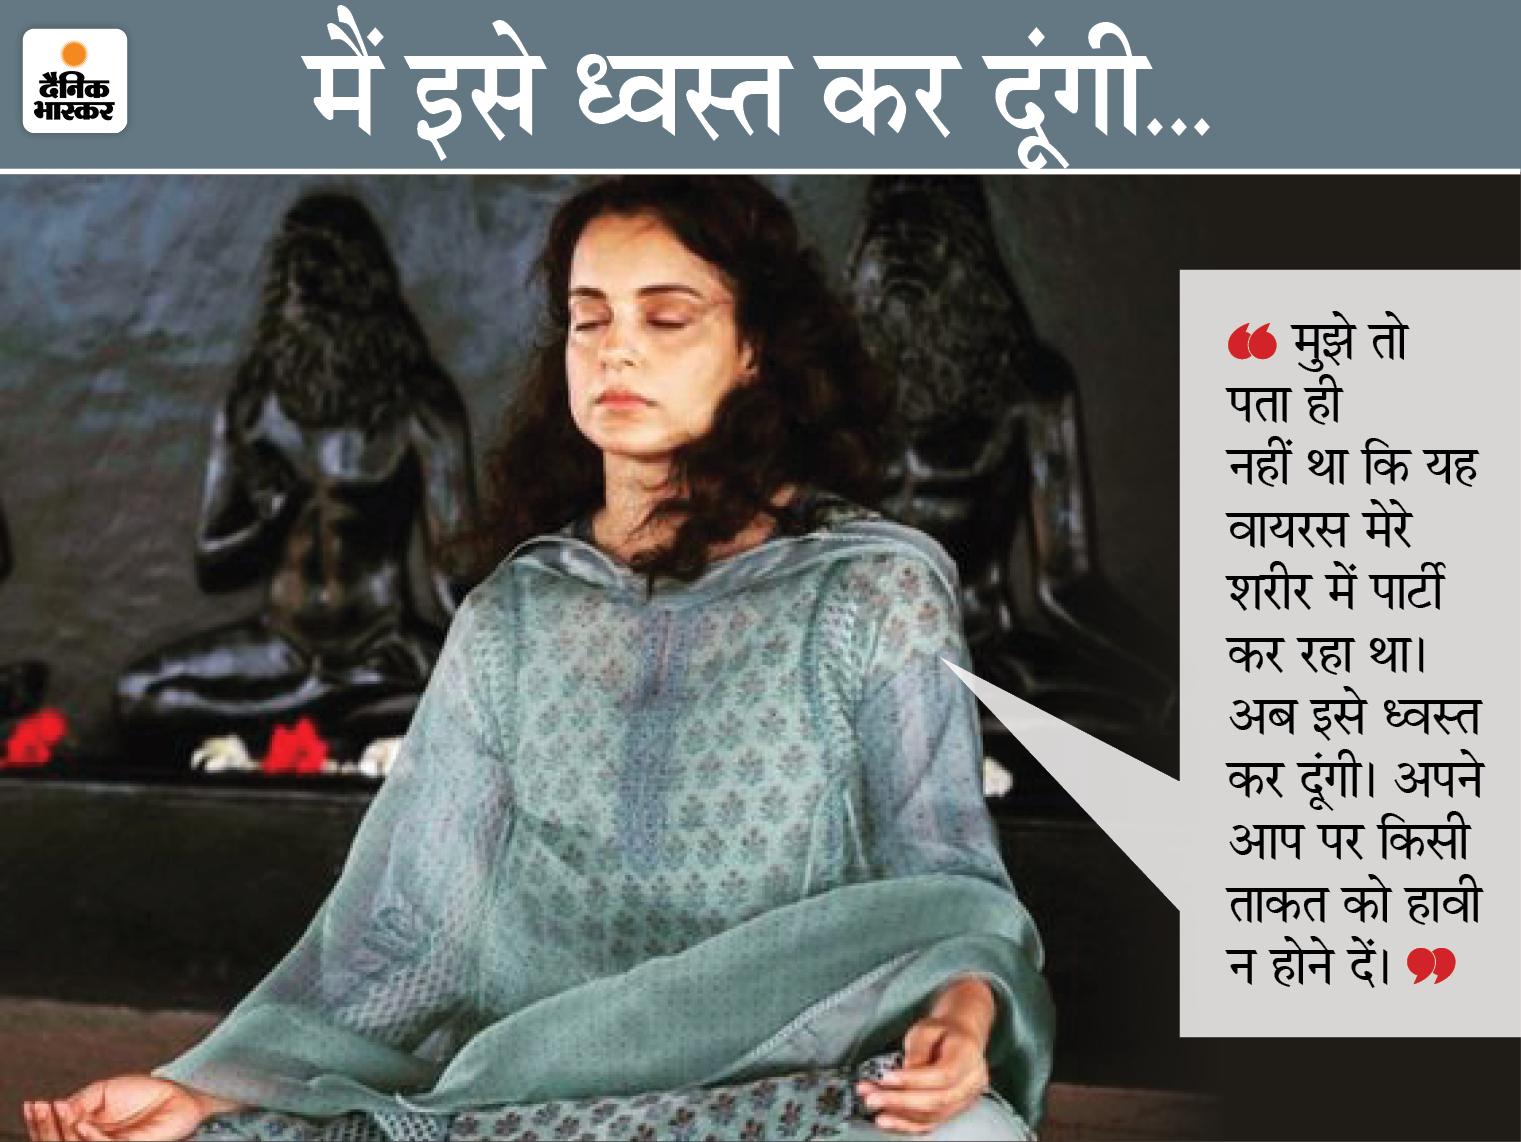 सोशल मीडिया पर ध्यान मुद्रा में तस्वीर पोस्ट की, लिखा- कुछ दिन से थकान महसूस कर रही थी, इसलिए टेस्ट कराया बॉलीवुड,Bollywood - Dainik Bhaskar